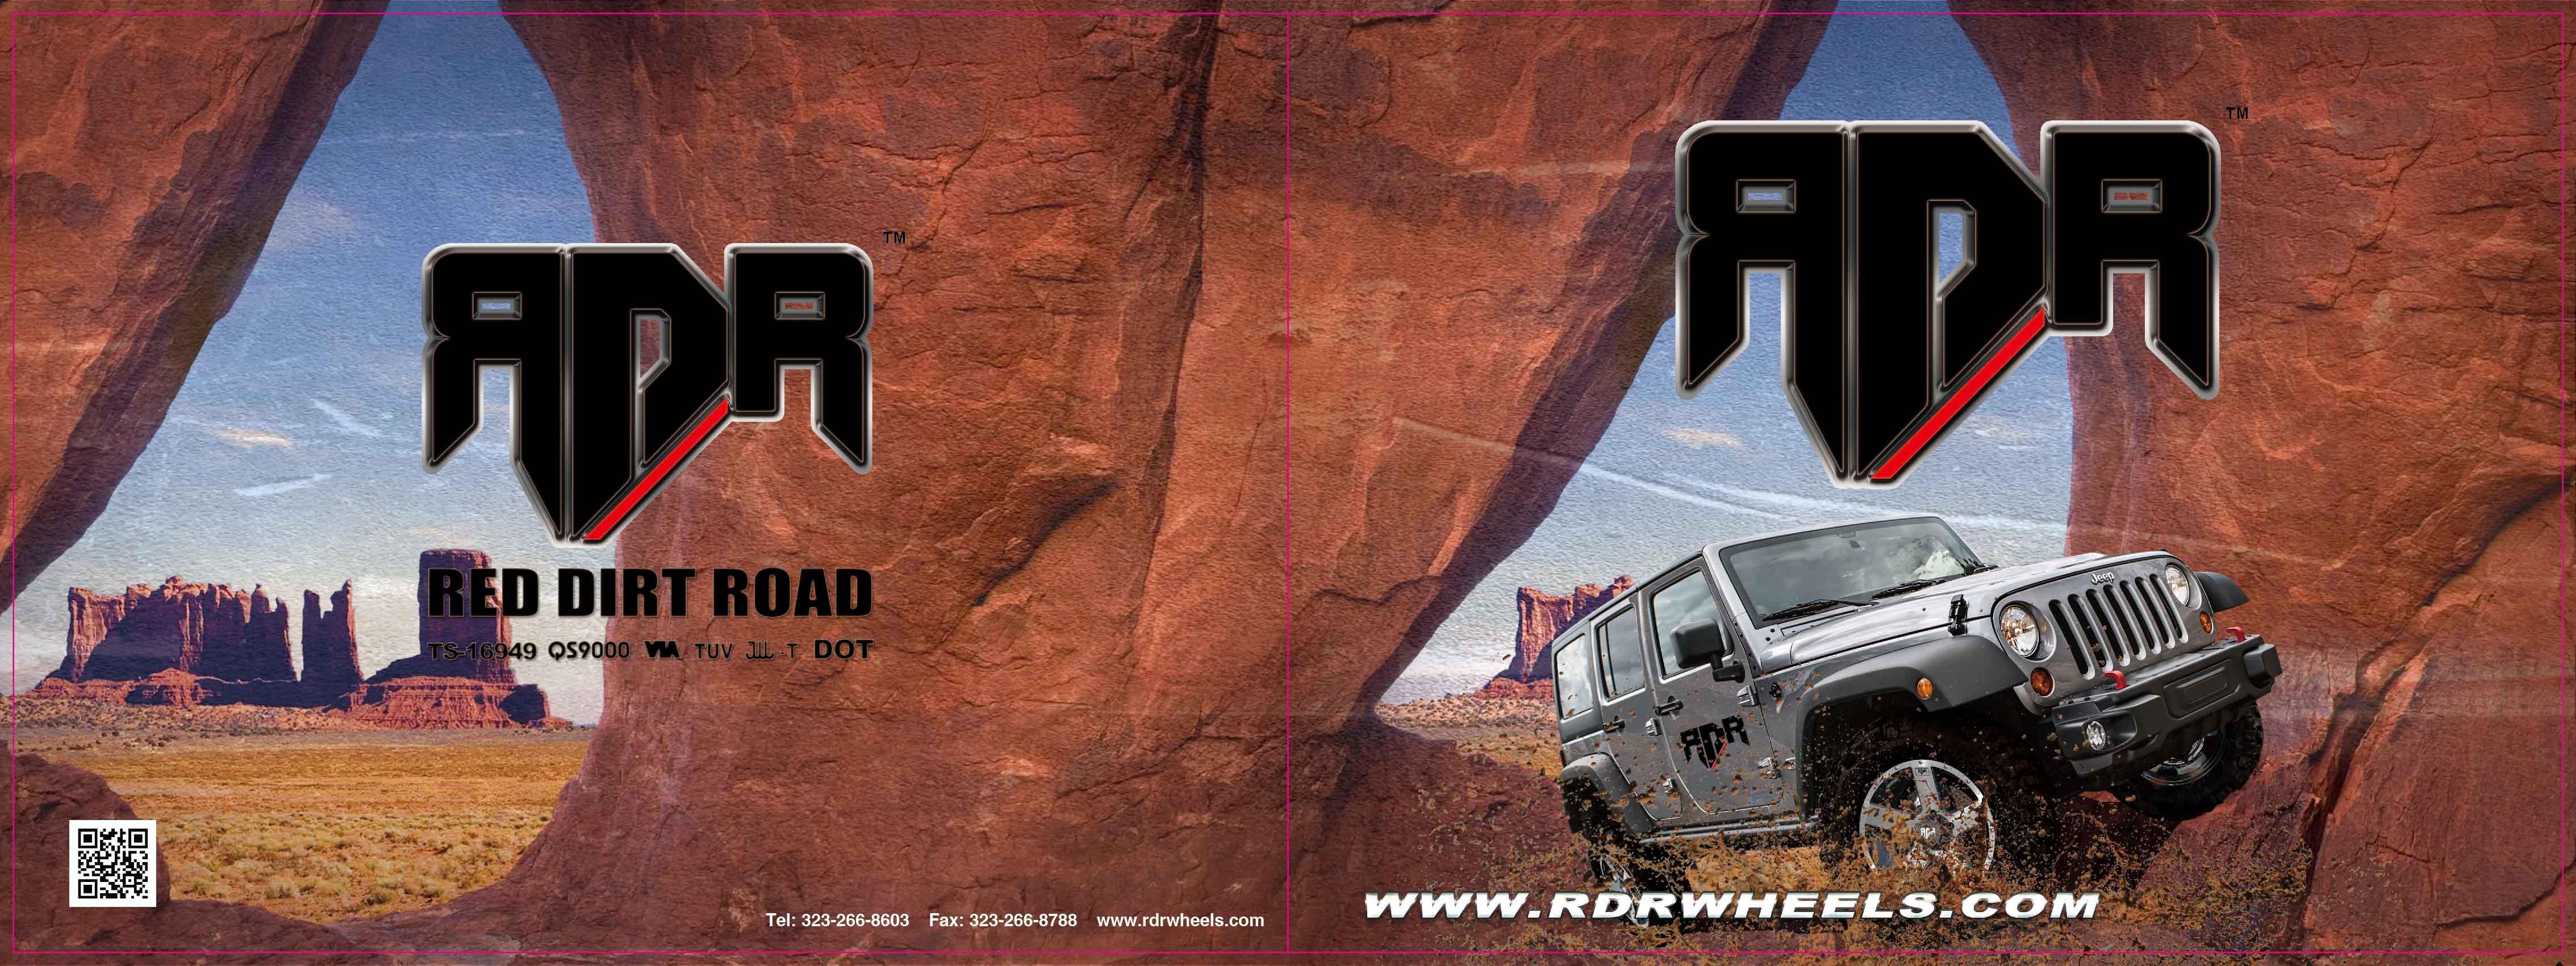 2016 RDR-0-0-01